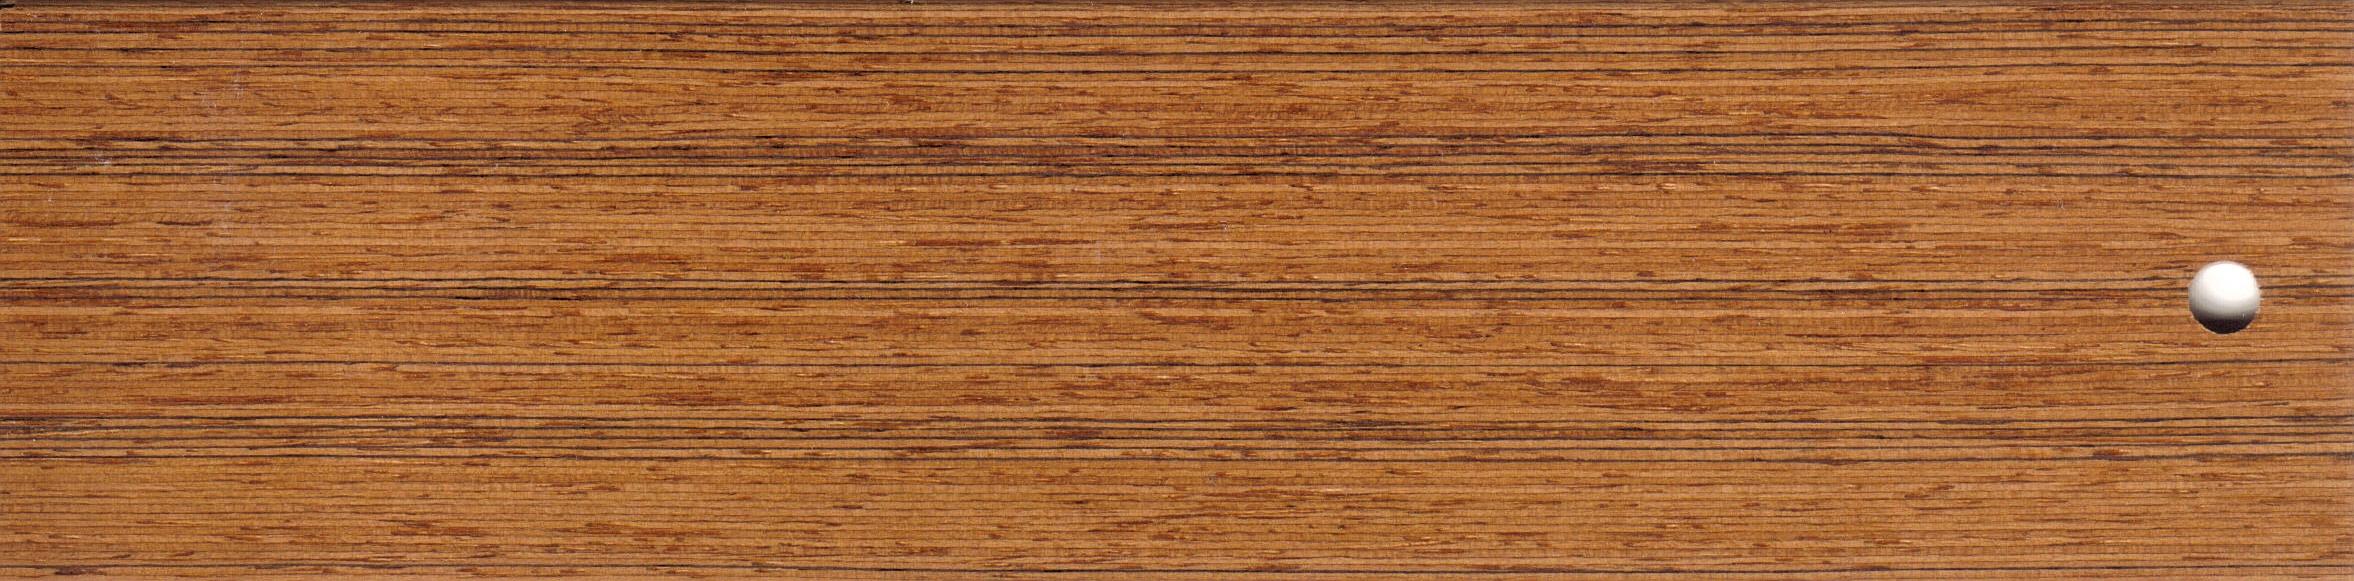 2775 50 mm ŻALUZJE DREWNIANE (żaluzje bambusowe)